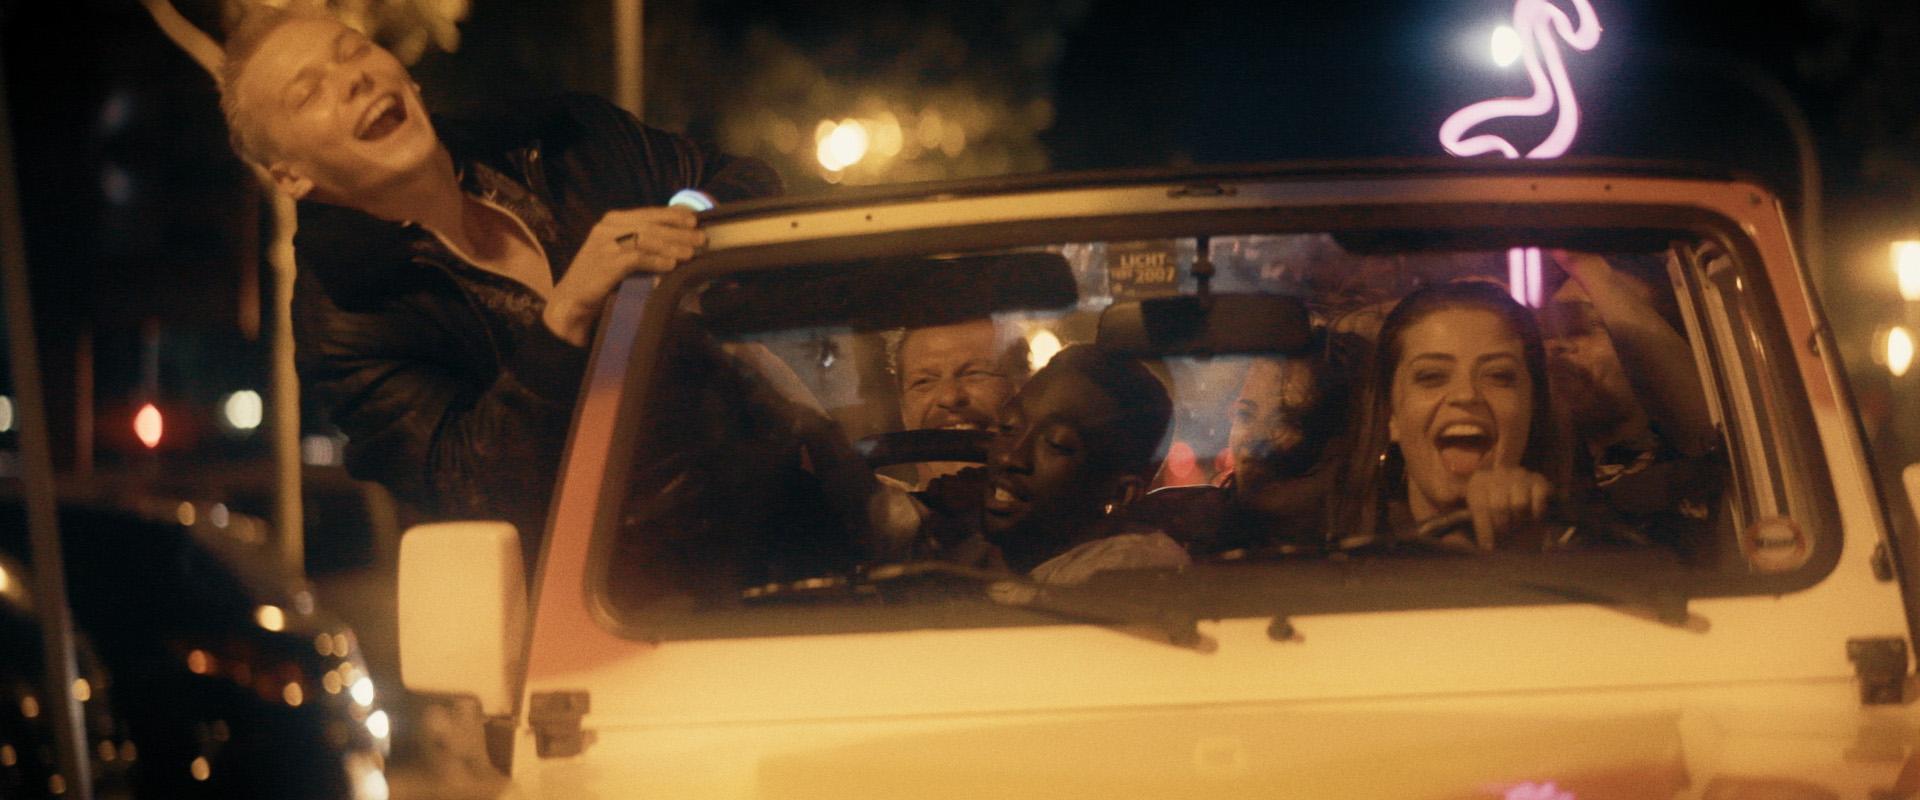 TOUBAB-PartyNacht2-CopyrightCaminoFilm-08